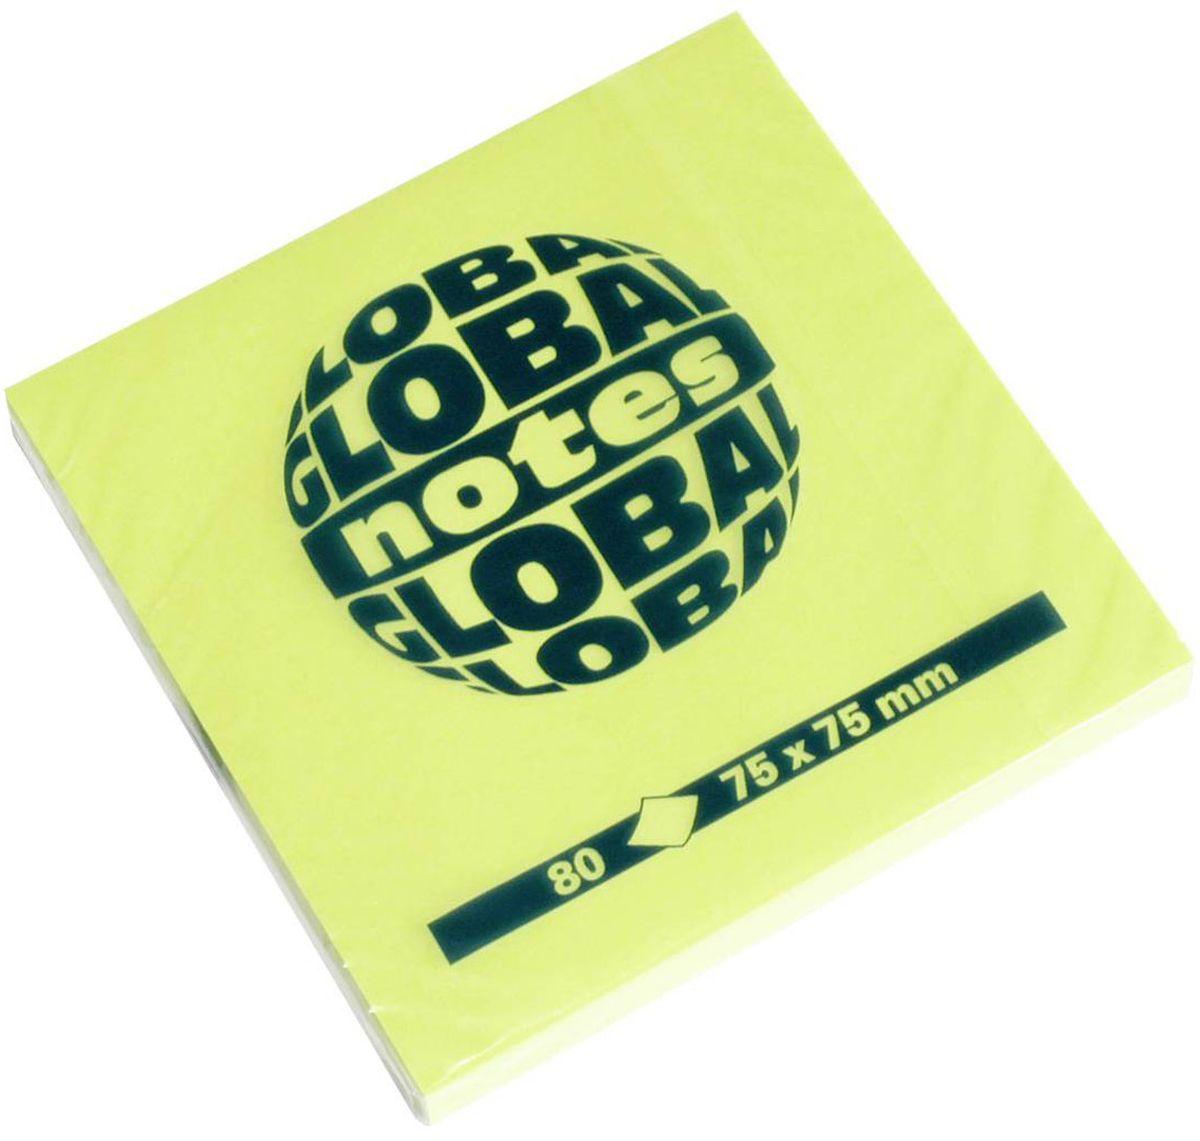 Global Notes Бумага для заметок с липким слоем цвет зеленый 80 листов